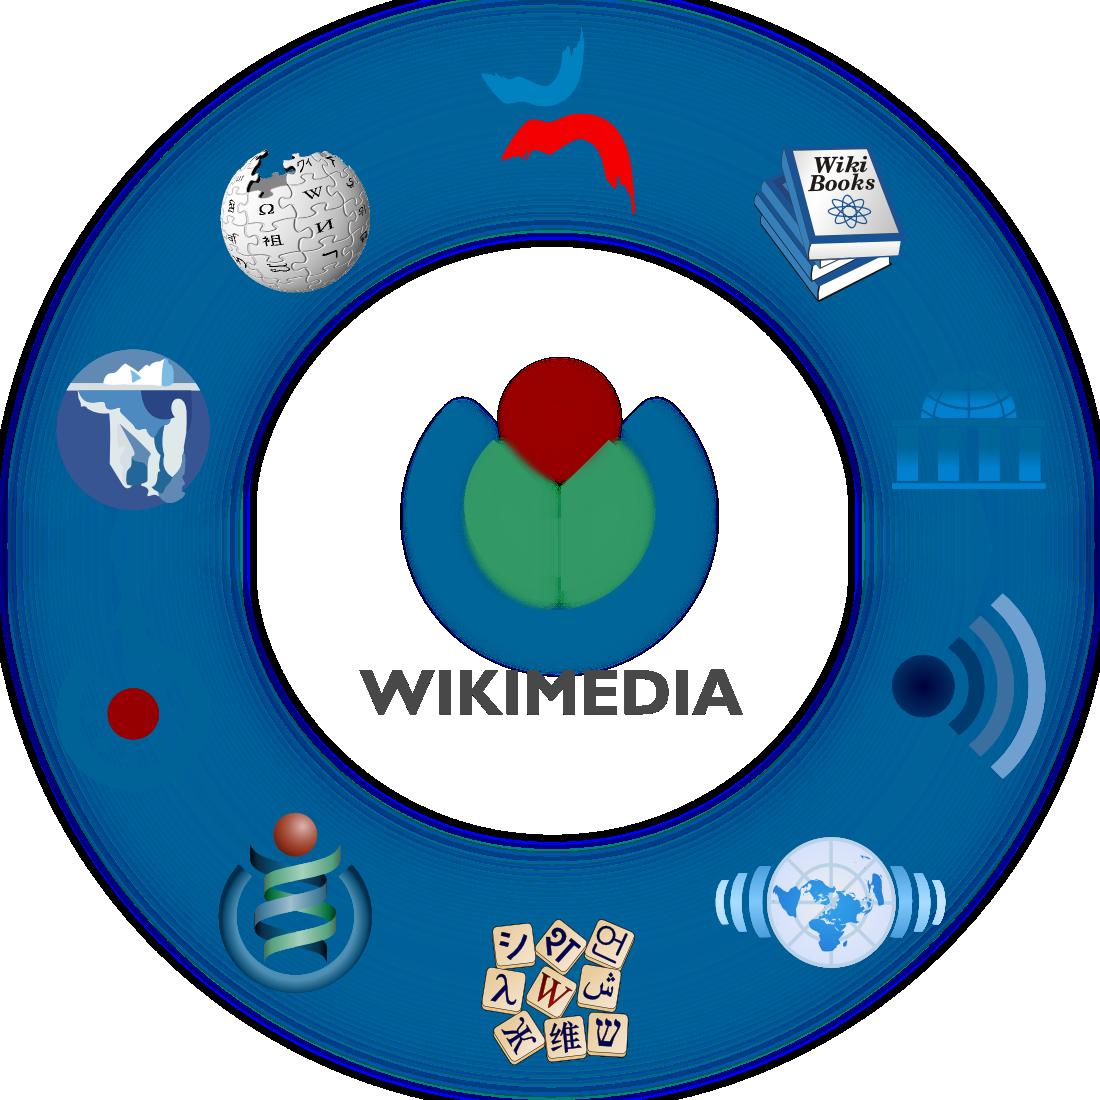 Ίδρυμα Wikimedia